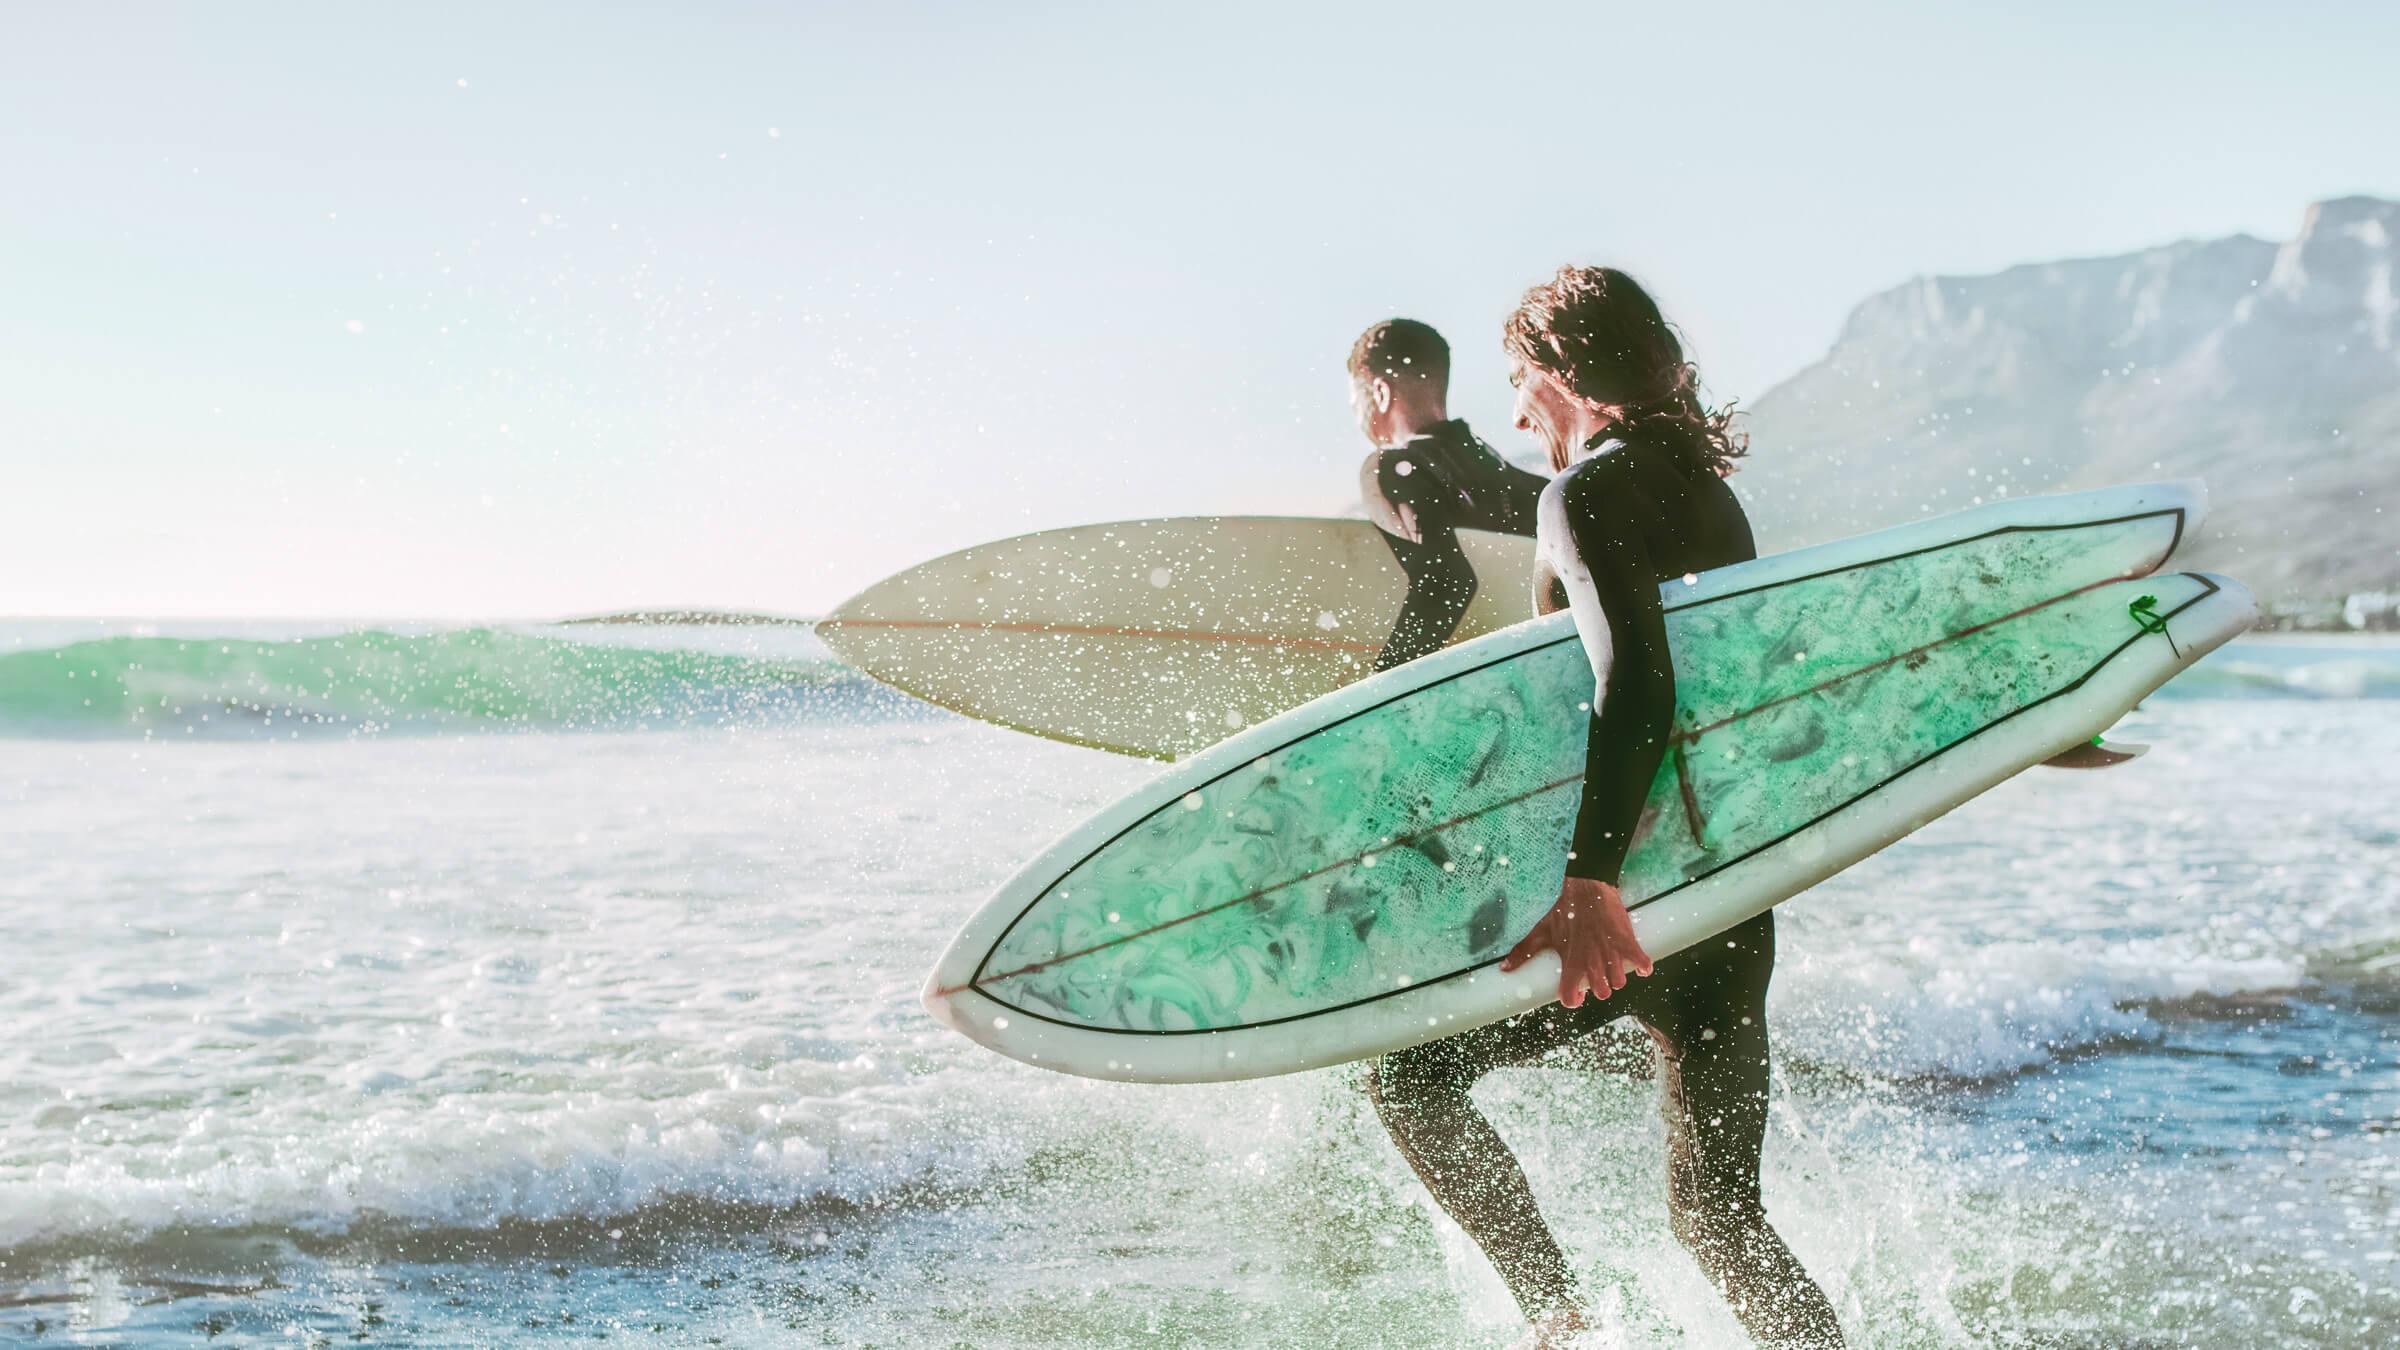 Zadowoleni klienci LYNX, którzy lubią surfować, podczas gdy ich inwestycje pracują dla nich